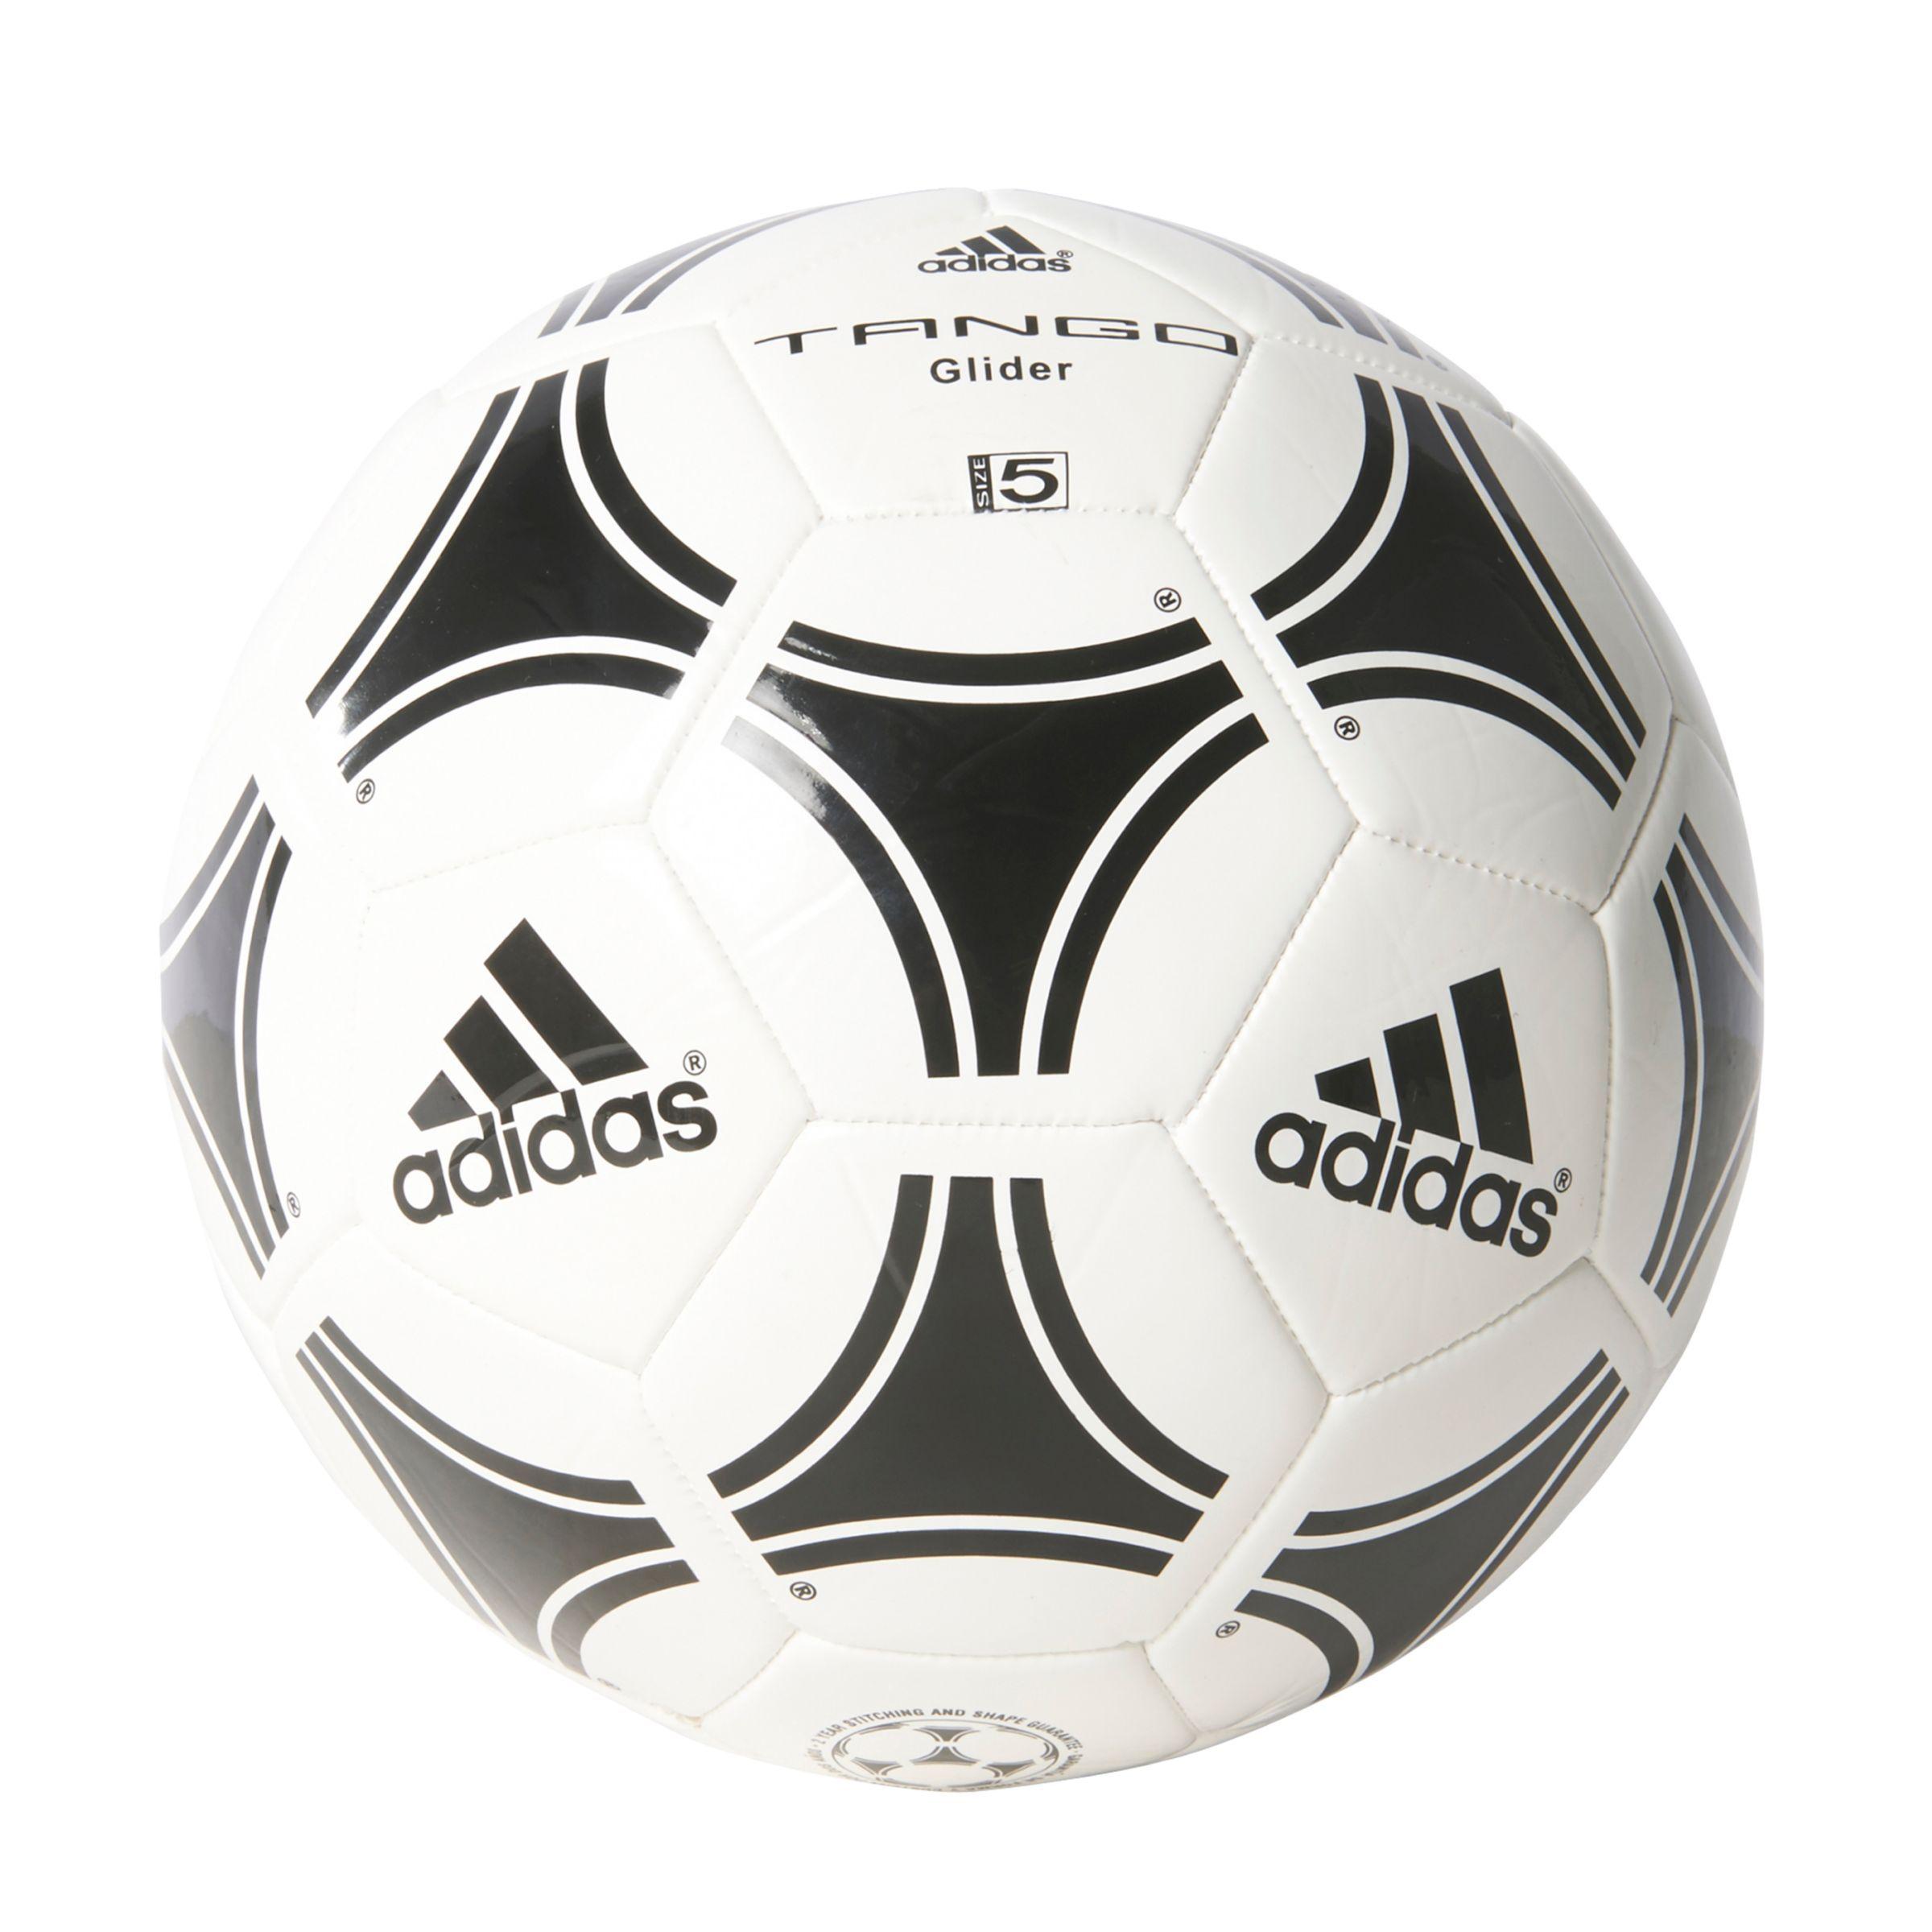 Adidas Tango Glider Football Size 5 White Black In 2020 Soccer Ball Soccer Football Ball